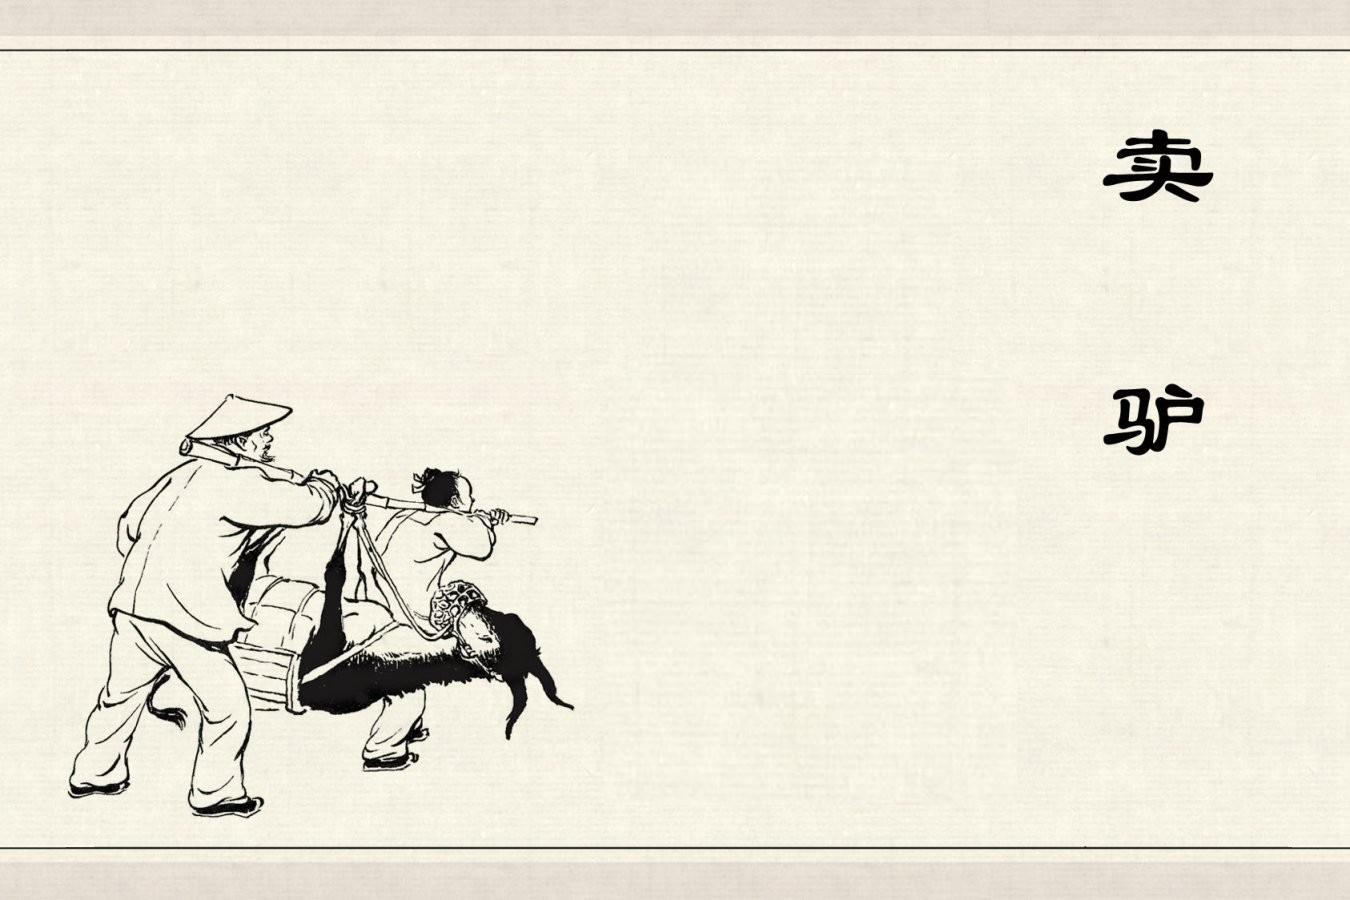 古代连环画笑话-卖驴